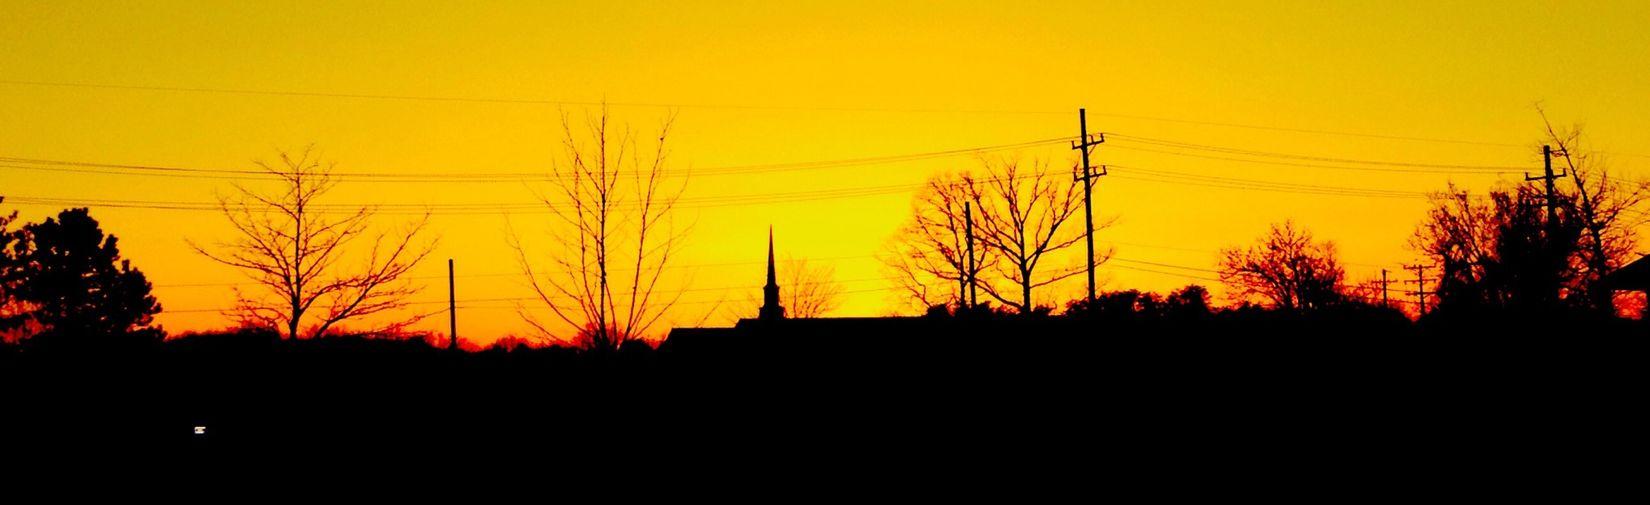 Sunset in Virginia Sunset Sky Yellow Virginia